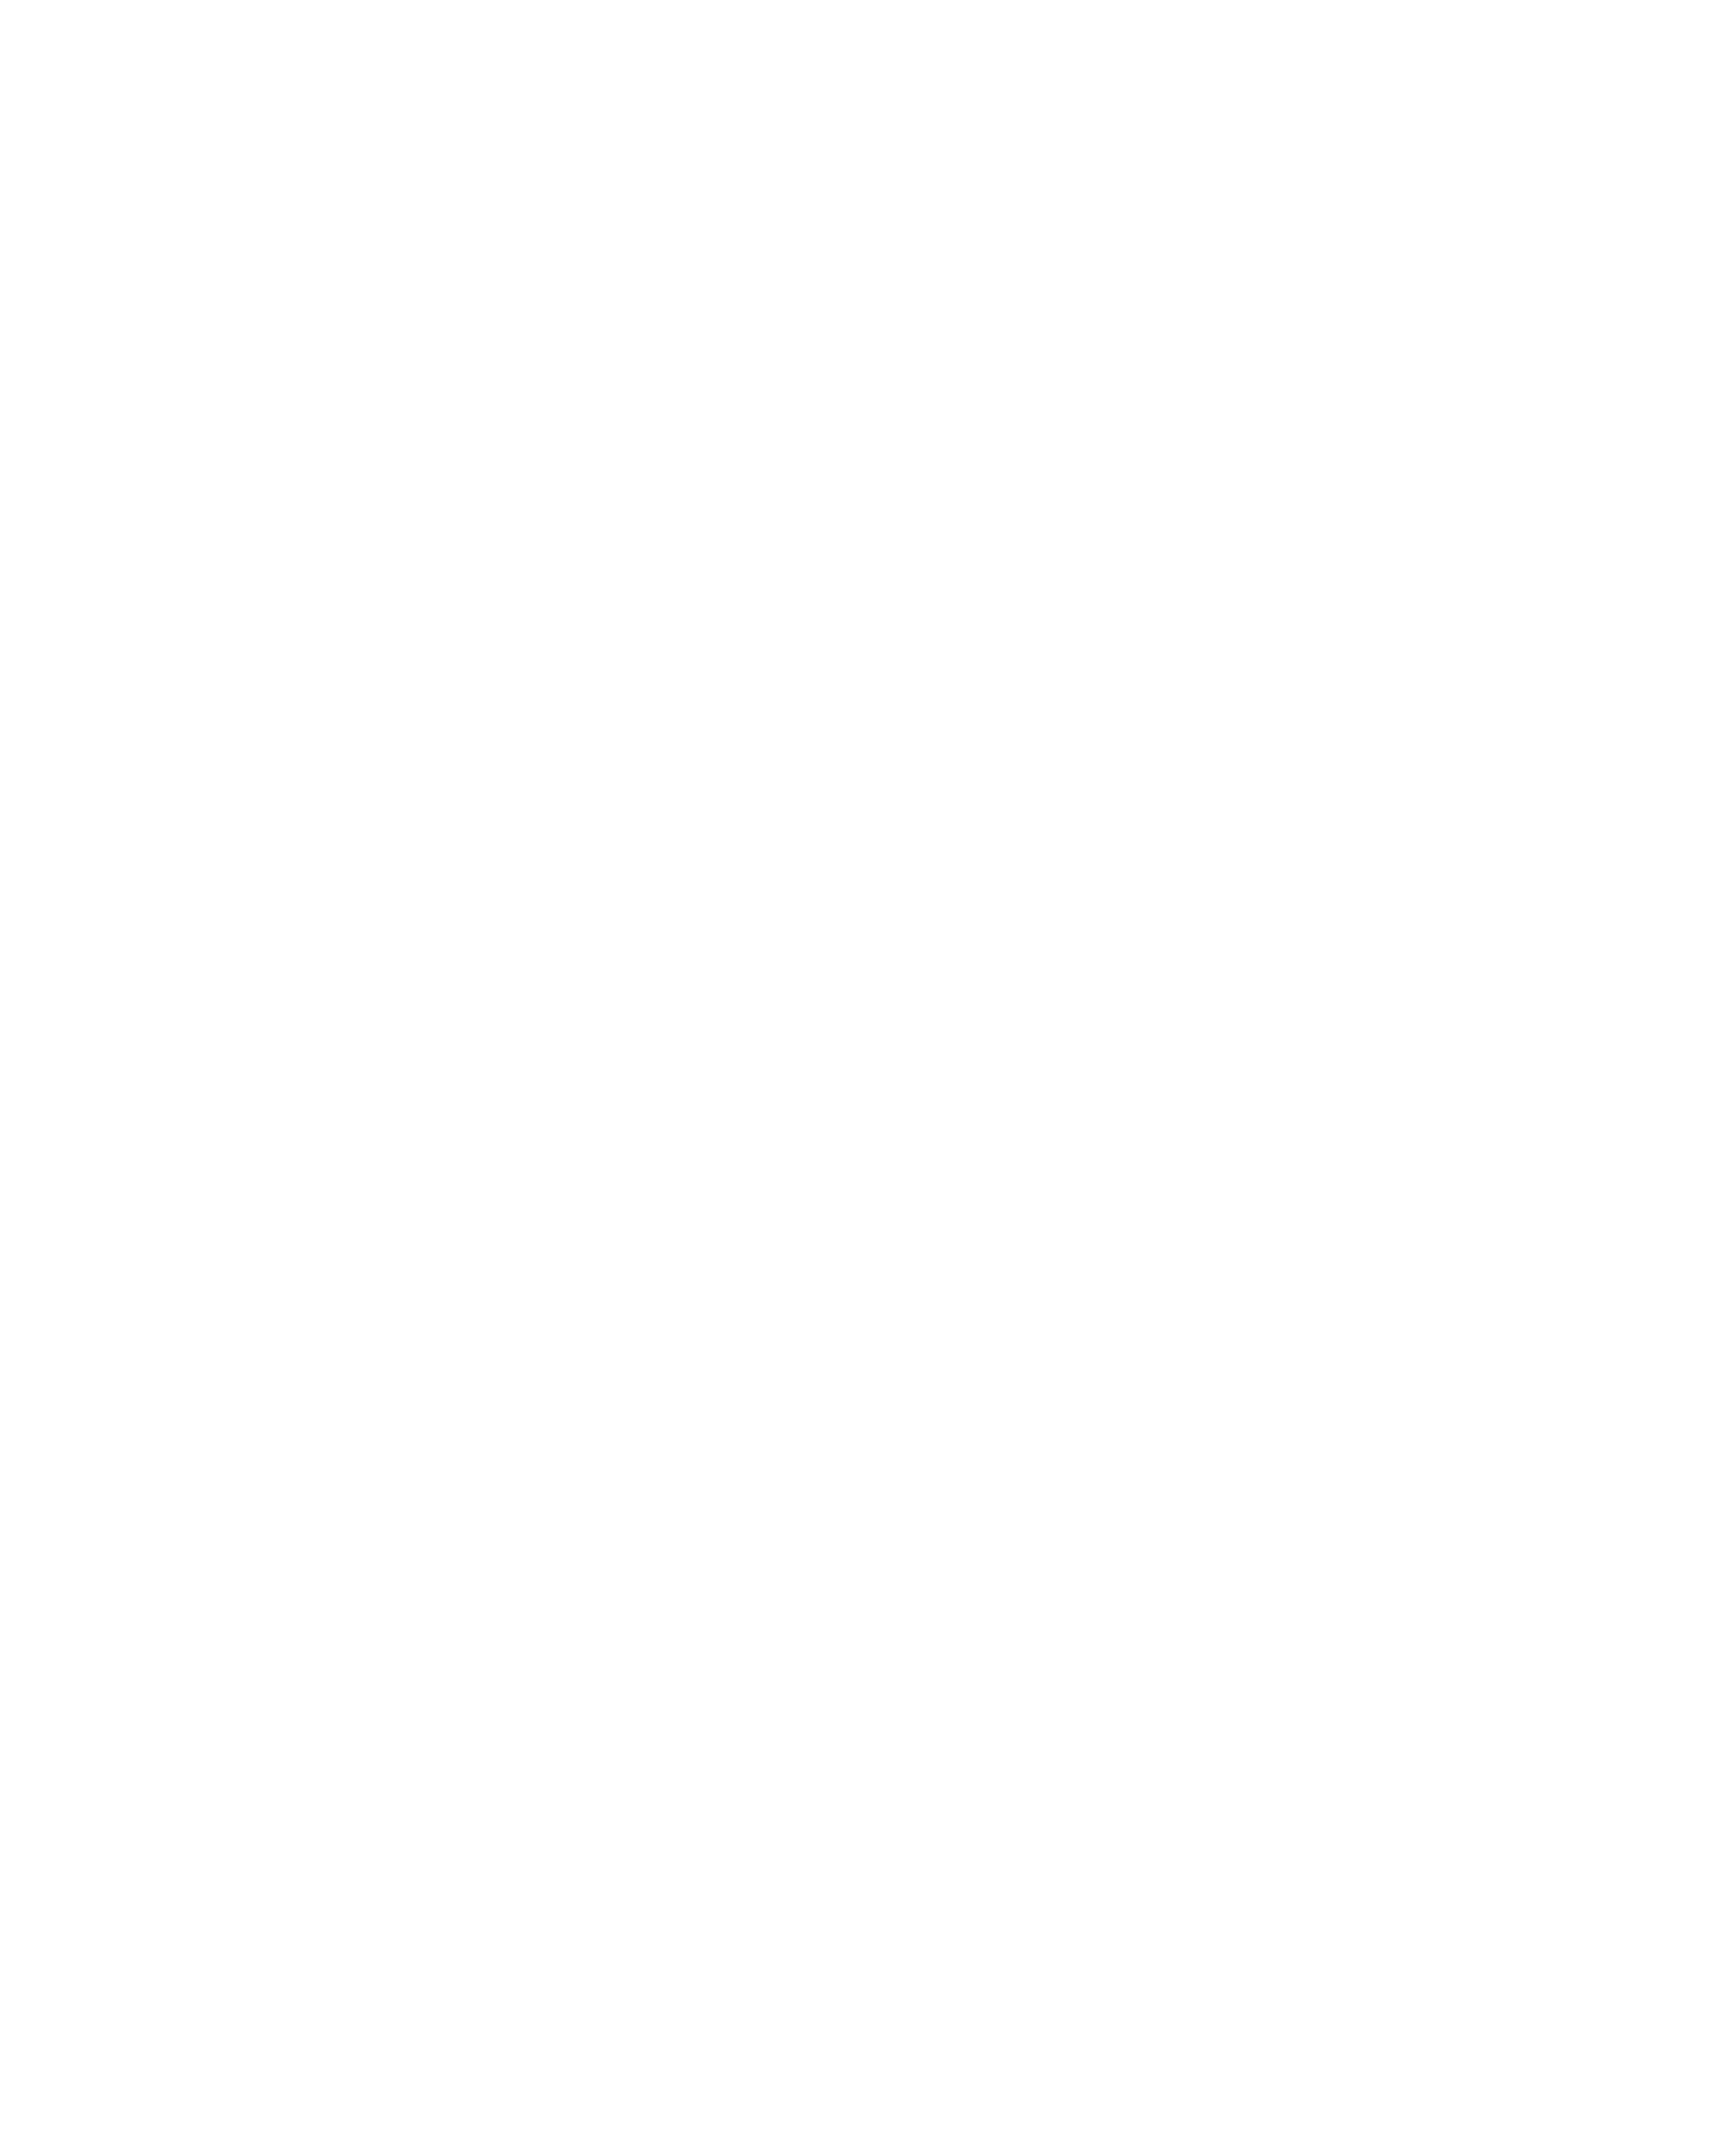 One minute briefs logo